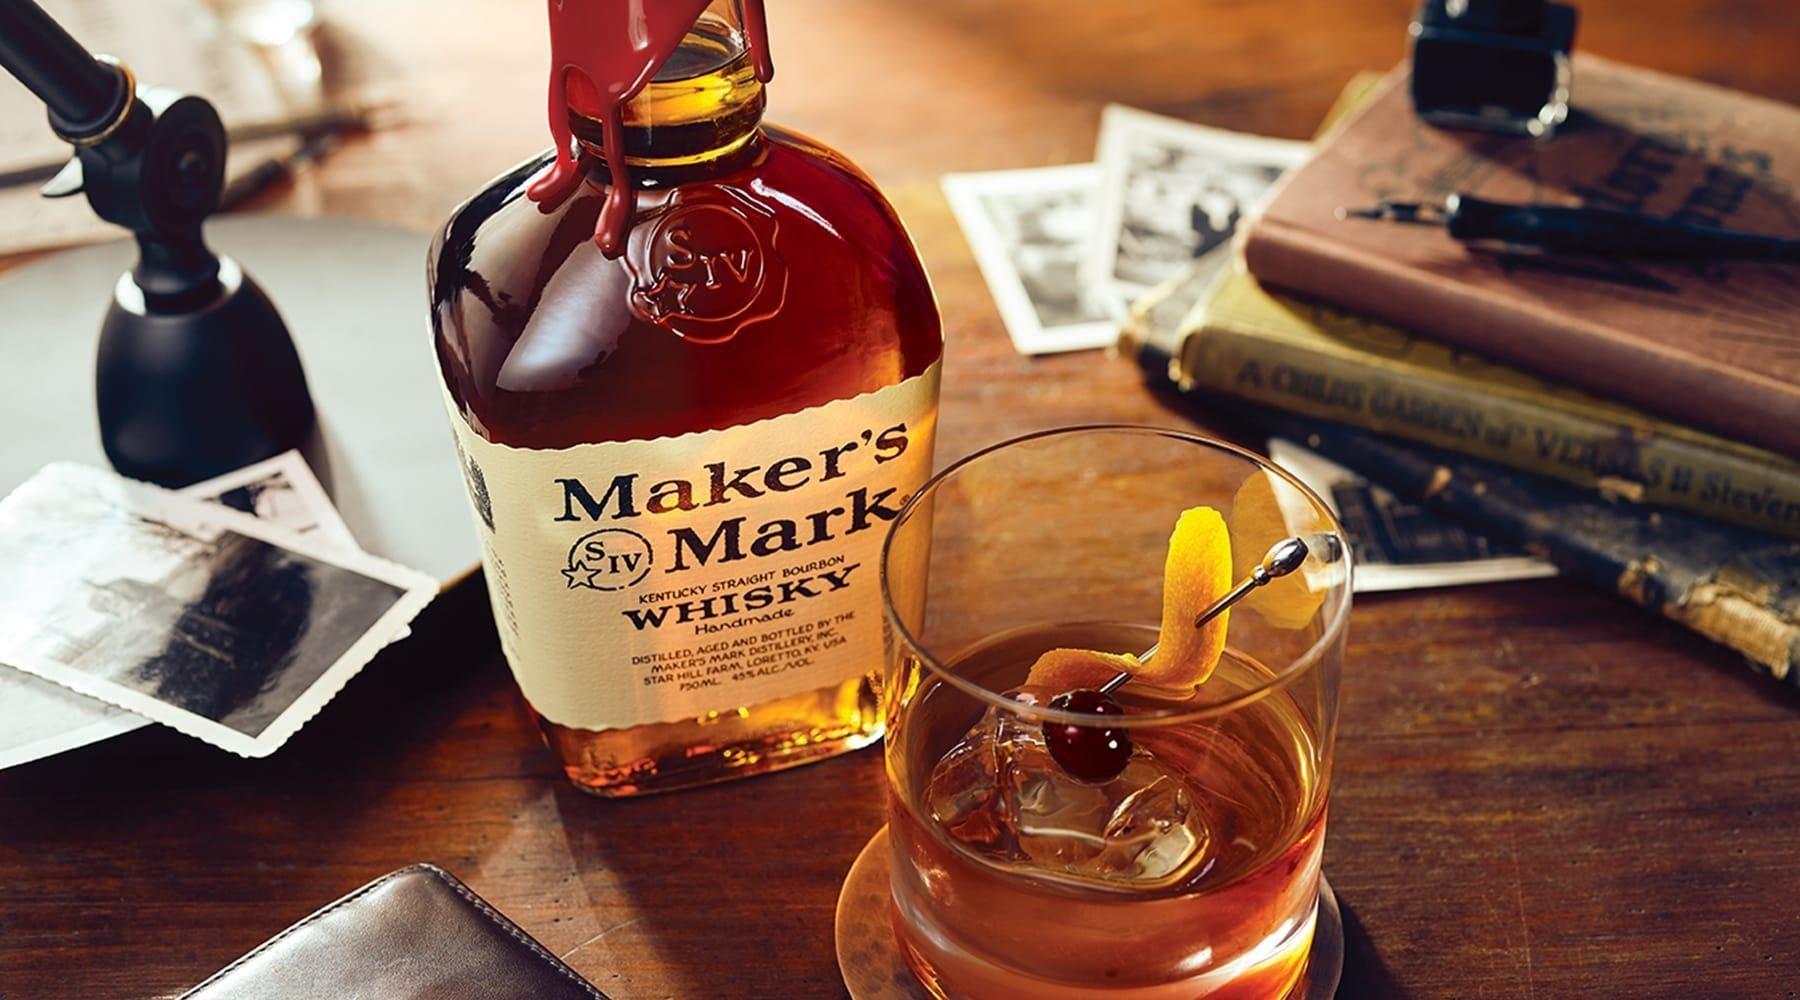 Whisky-zum-Verschenken-Makers-Mark